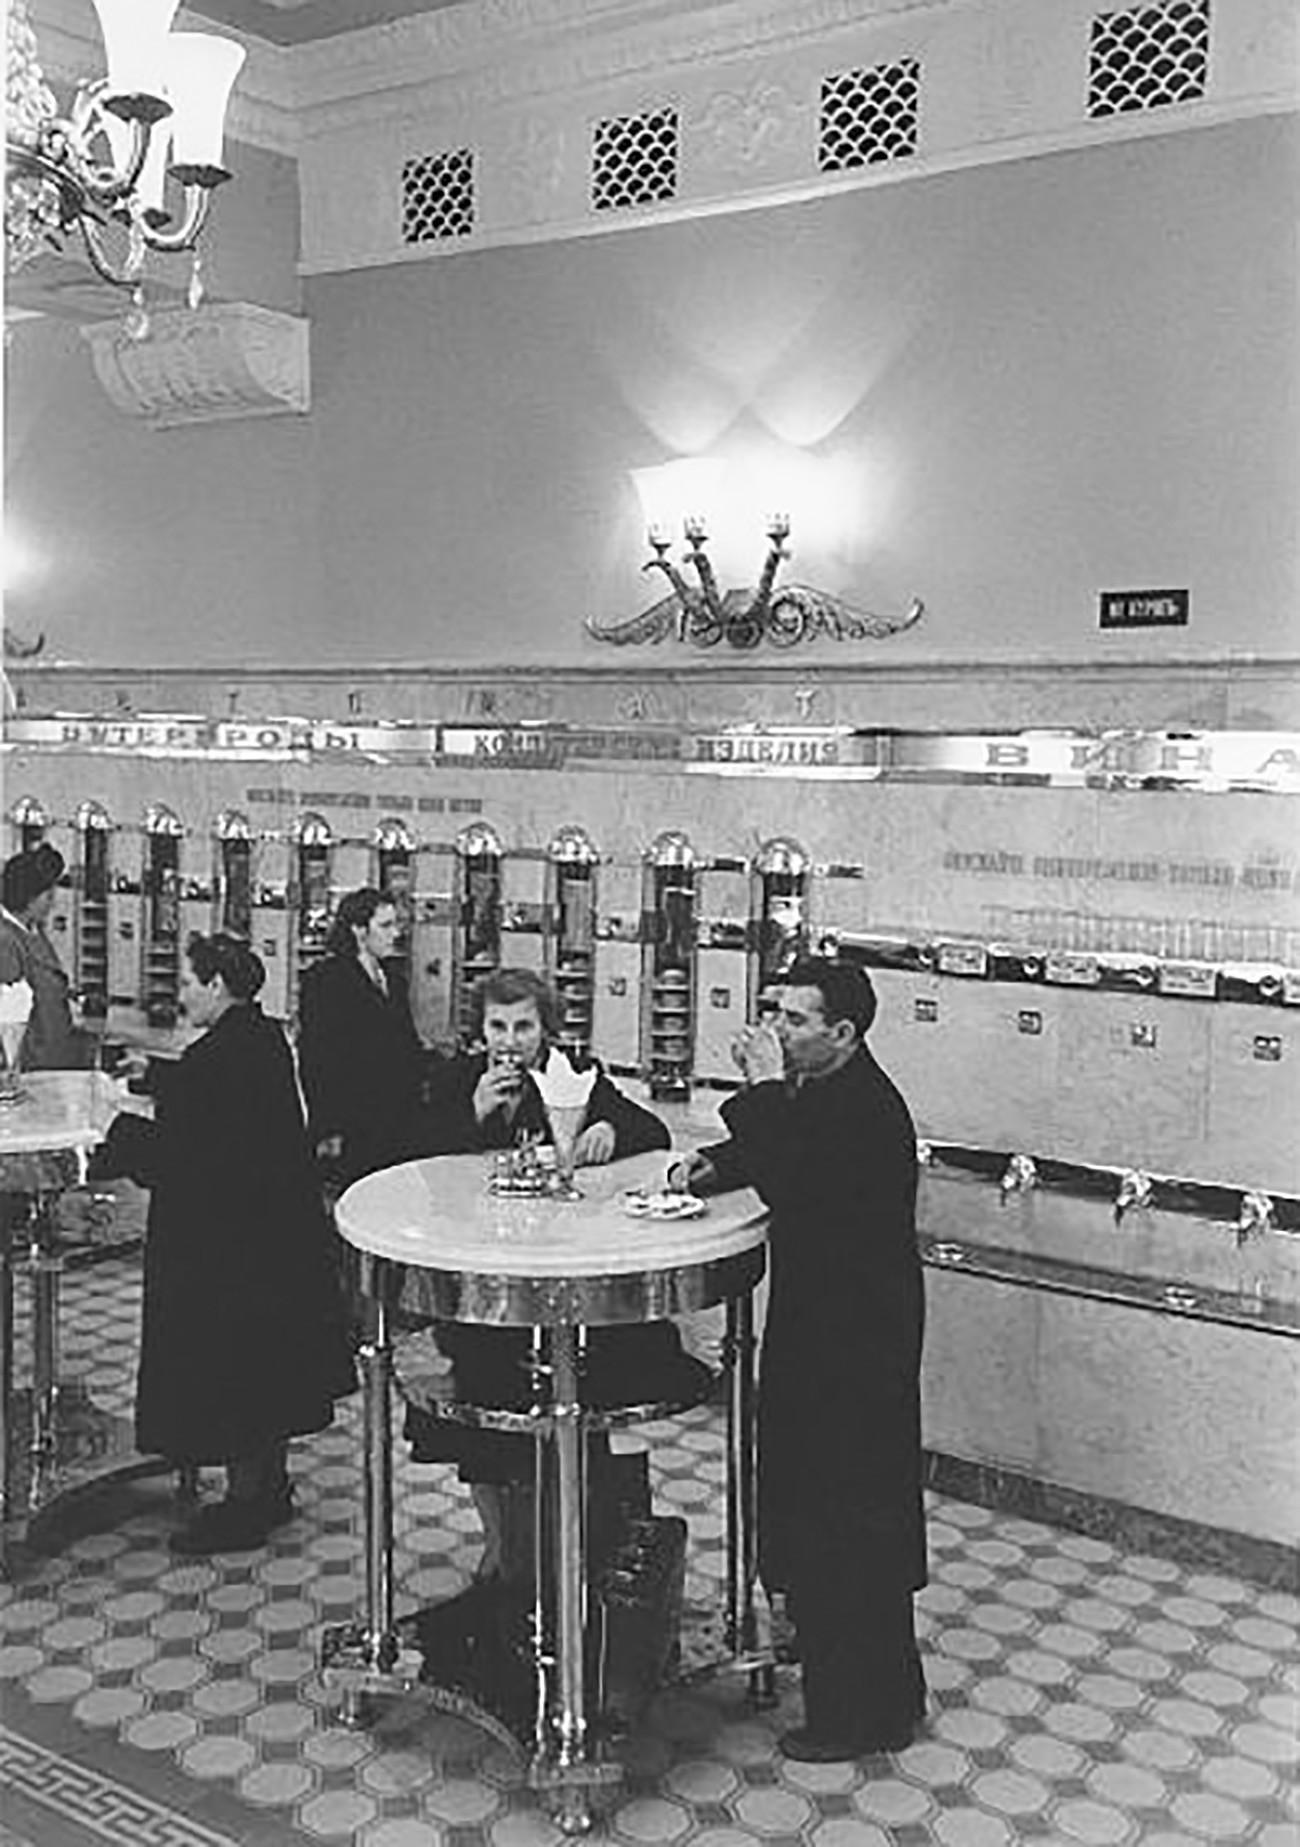 自動販売機のカフェ、ルビャンカ